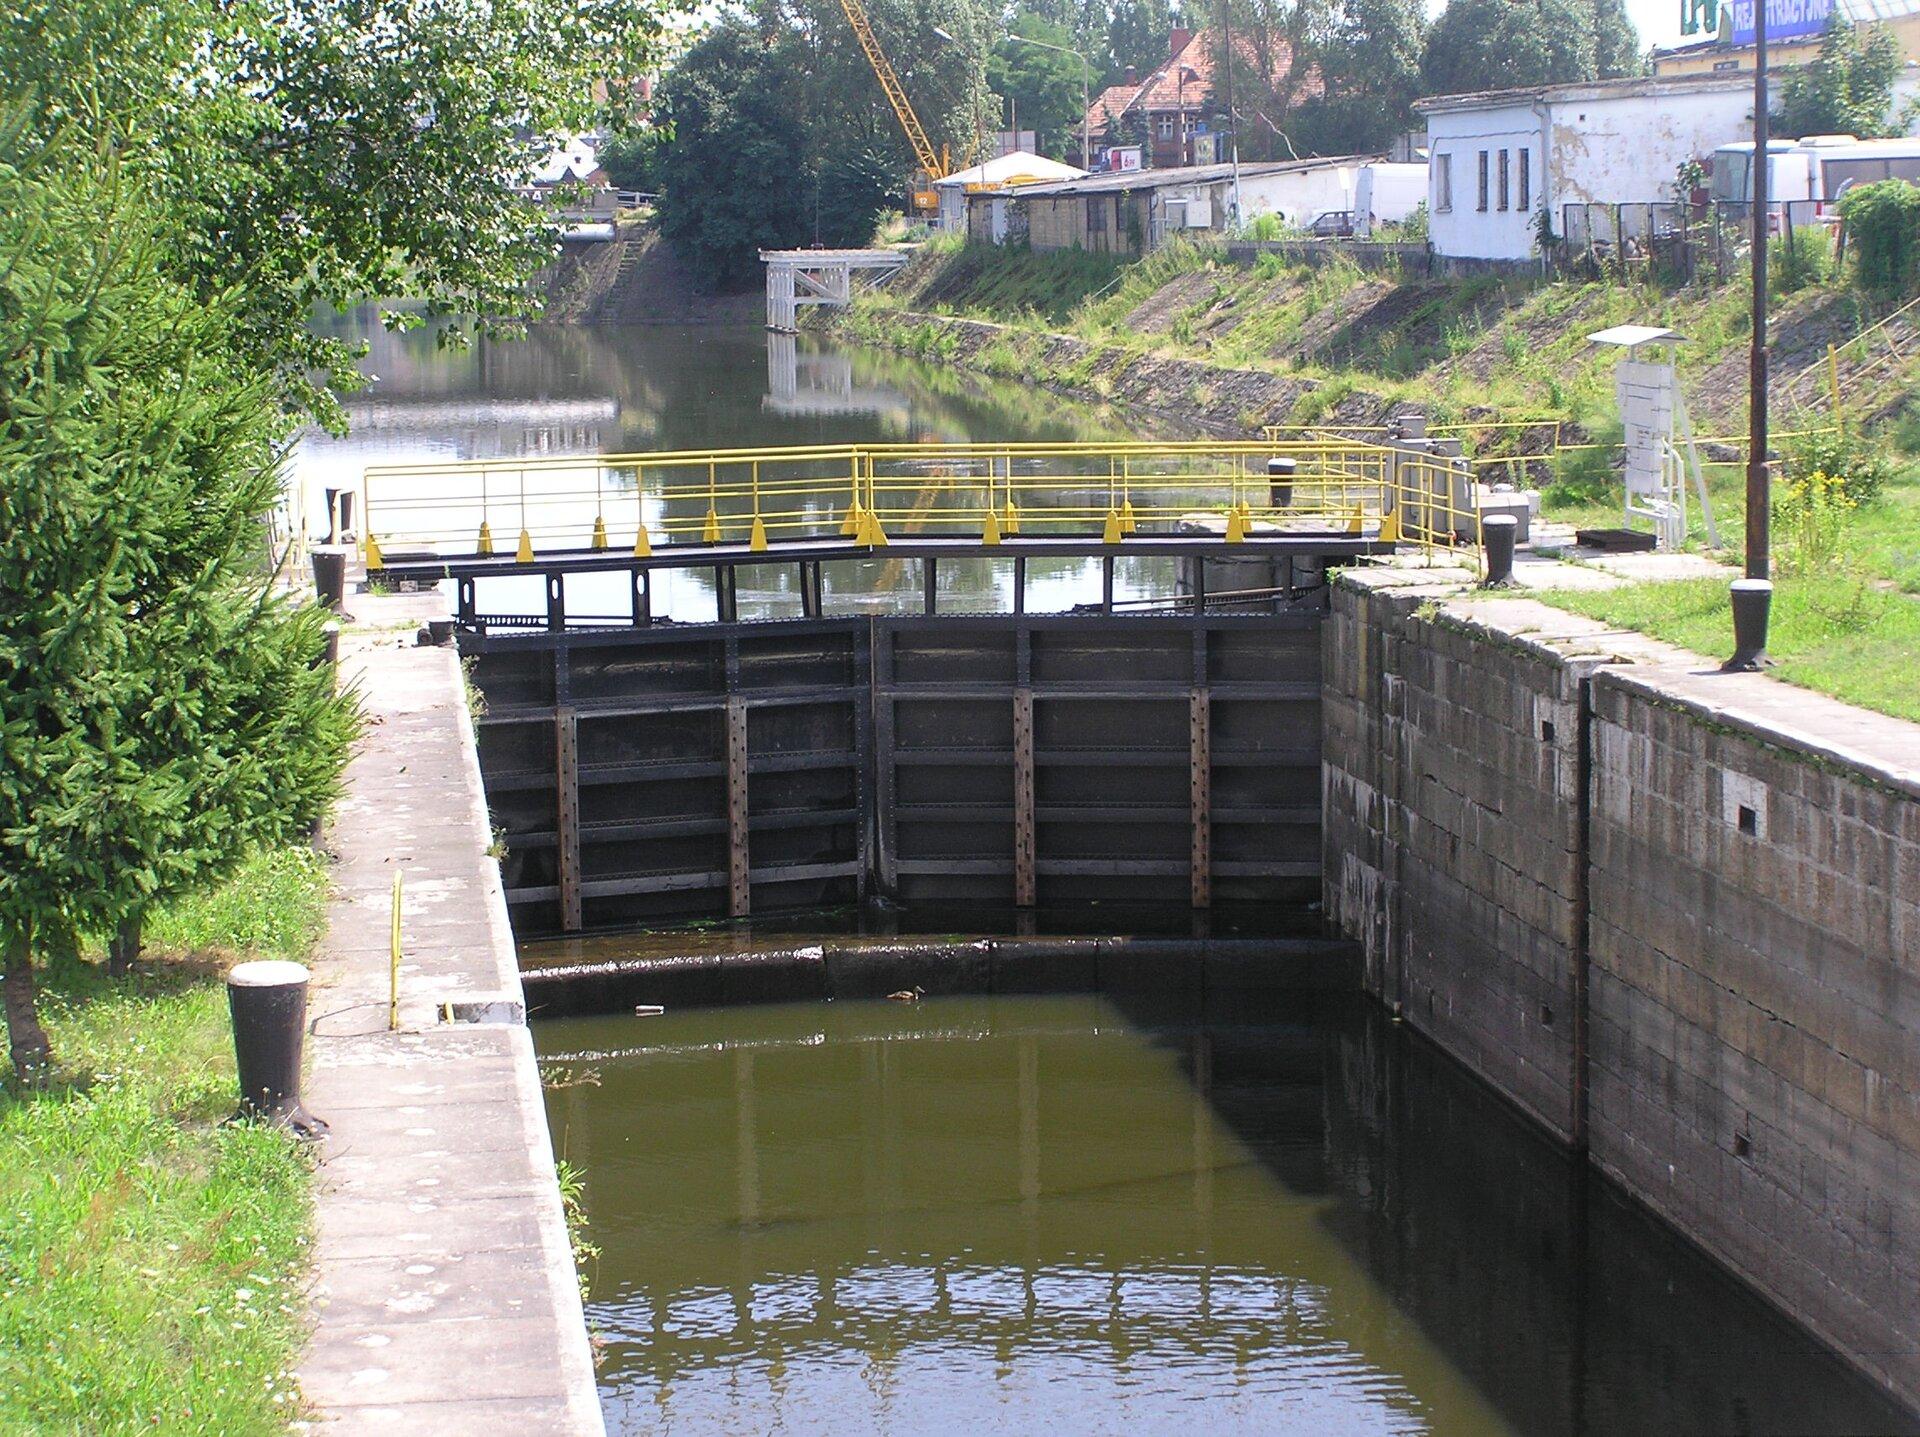 Fotografia prezentuje śluzę na kanale łączącym dwa zbiorniki oróżnym poziomie wody. Śluza skład się zwrót, które zamykają się na kanale, zatrzymując przepływ wody.